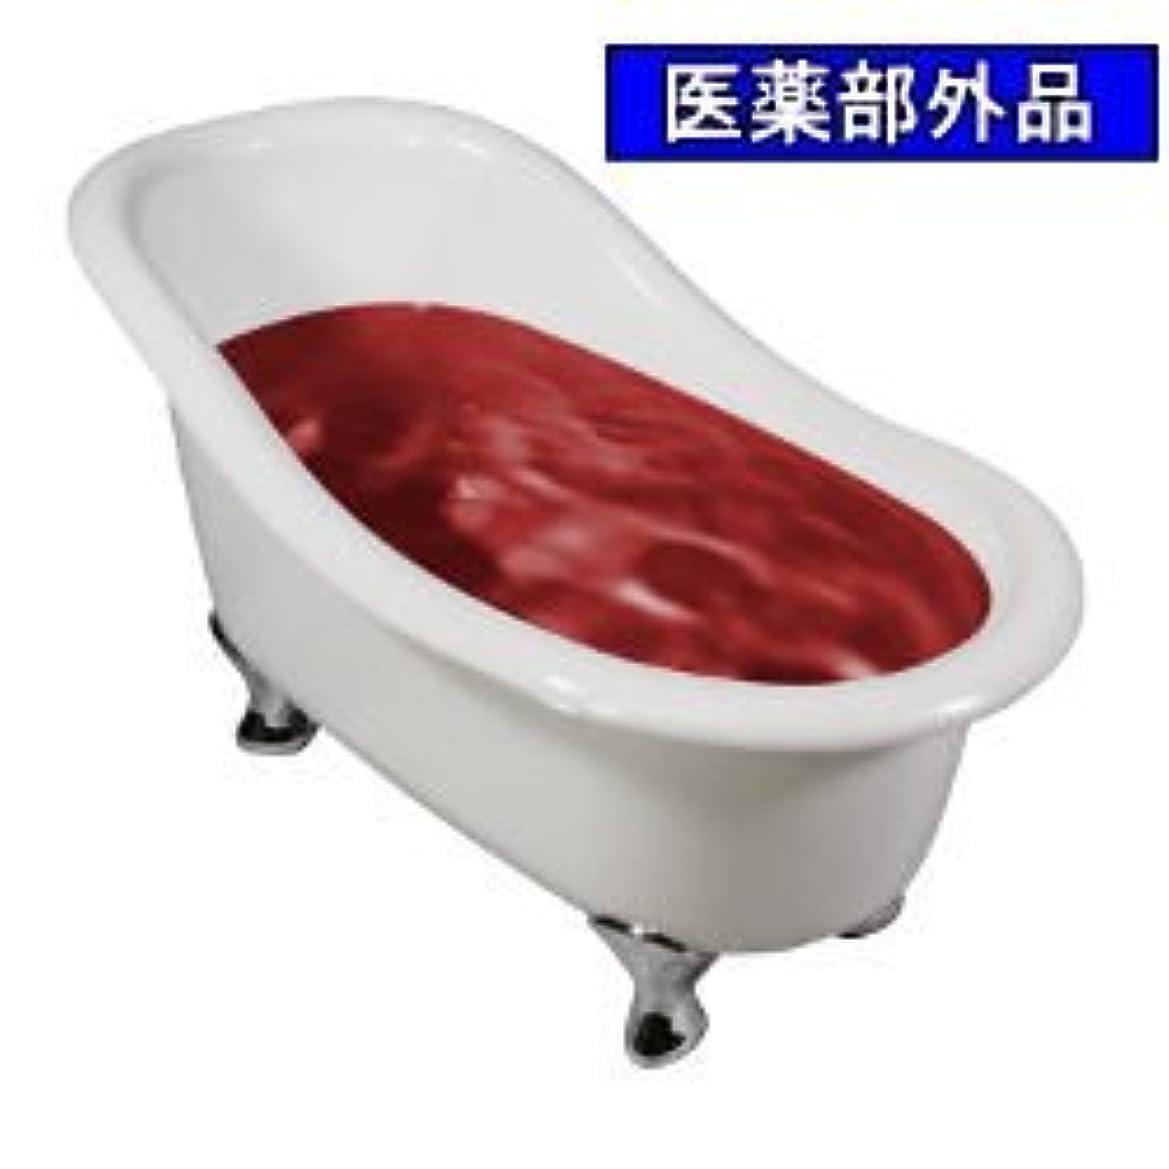 リーダルセット敬意を表して業務用薬用入浴剤バスフレンド 禄寿湯 17kg 医薬部外品